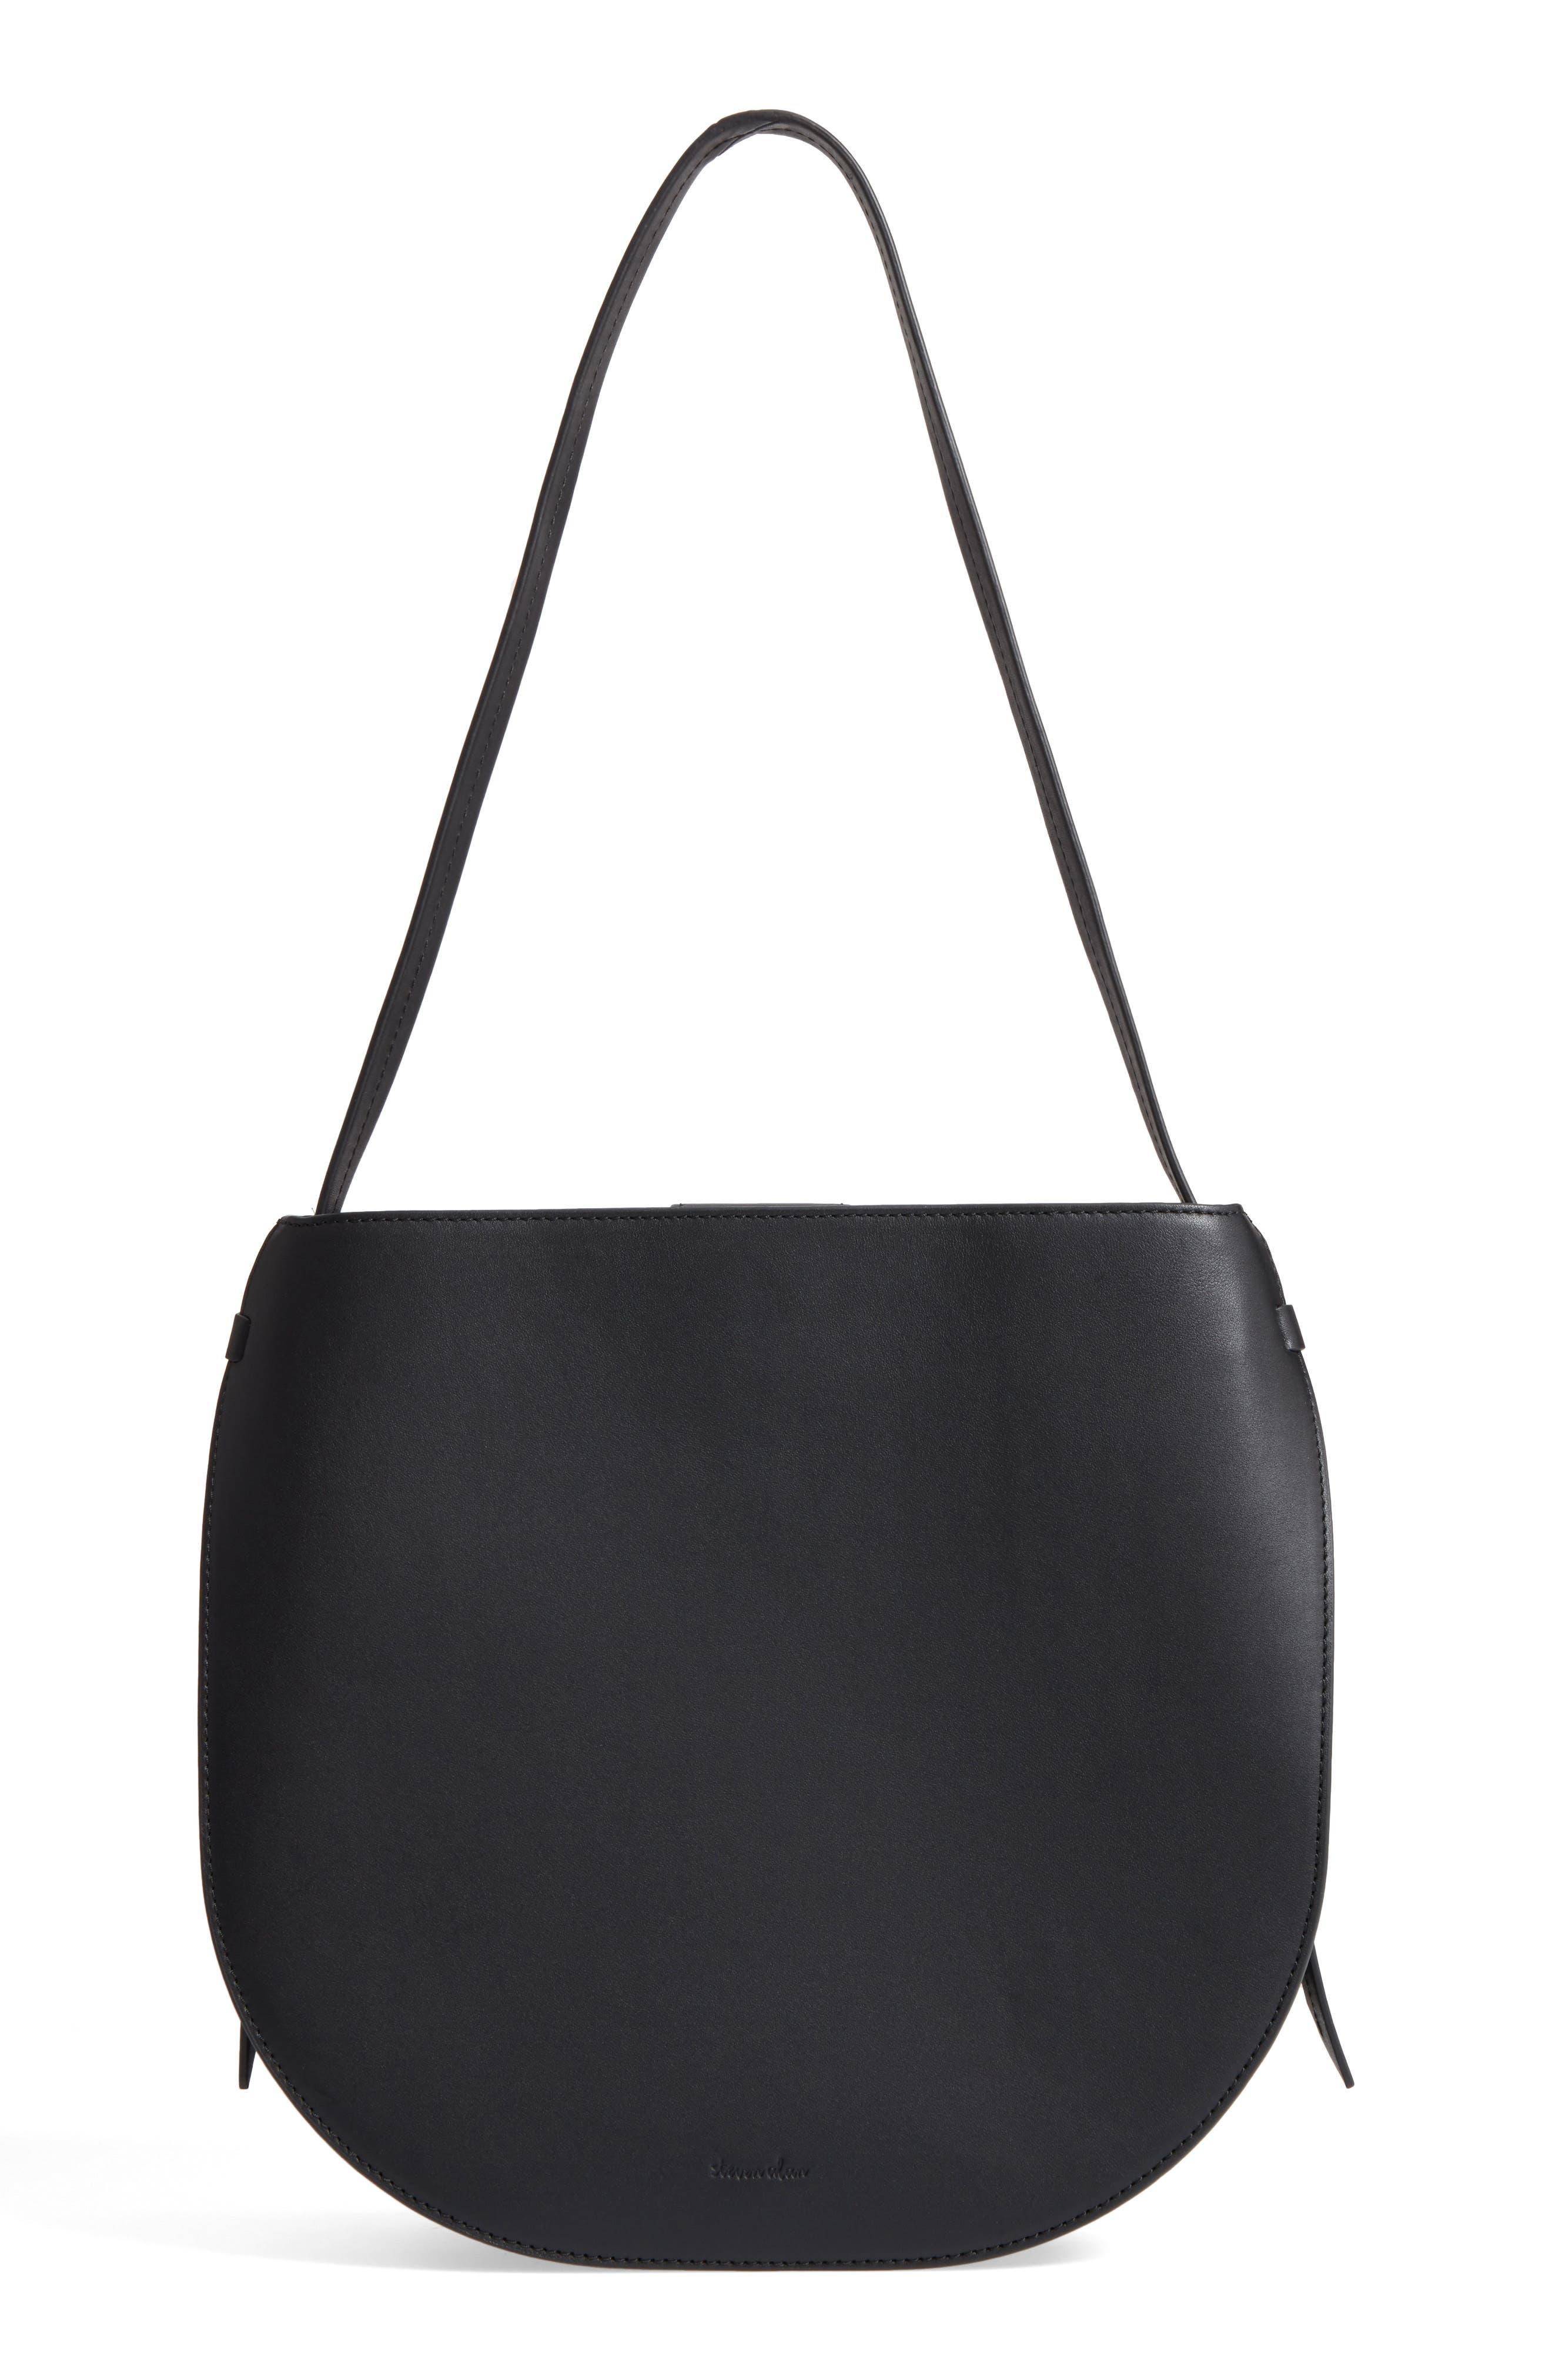 Helena Half Moon Leather Shoulder Bag,                             Alternate thumbnail 3, color,                             001